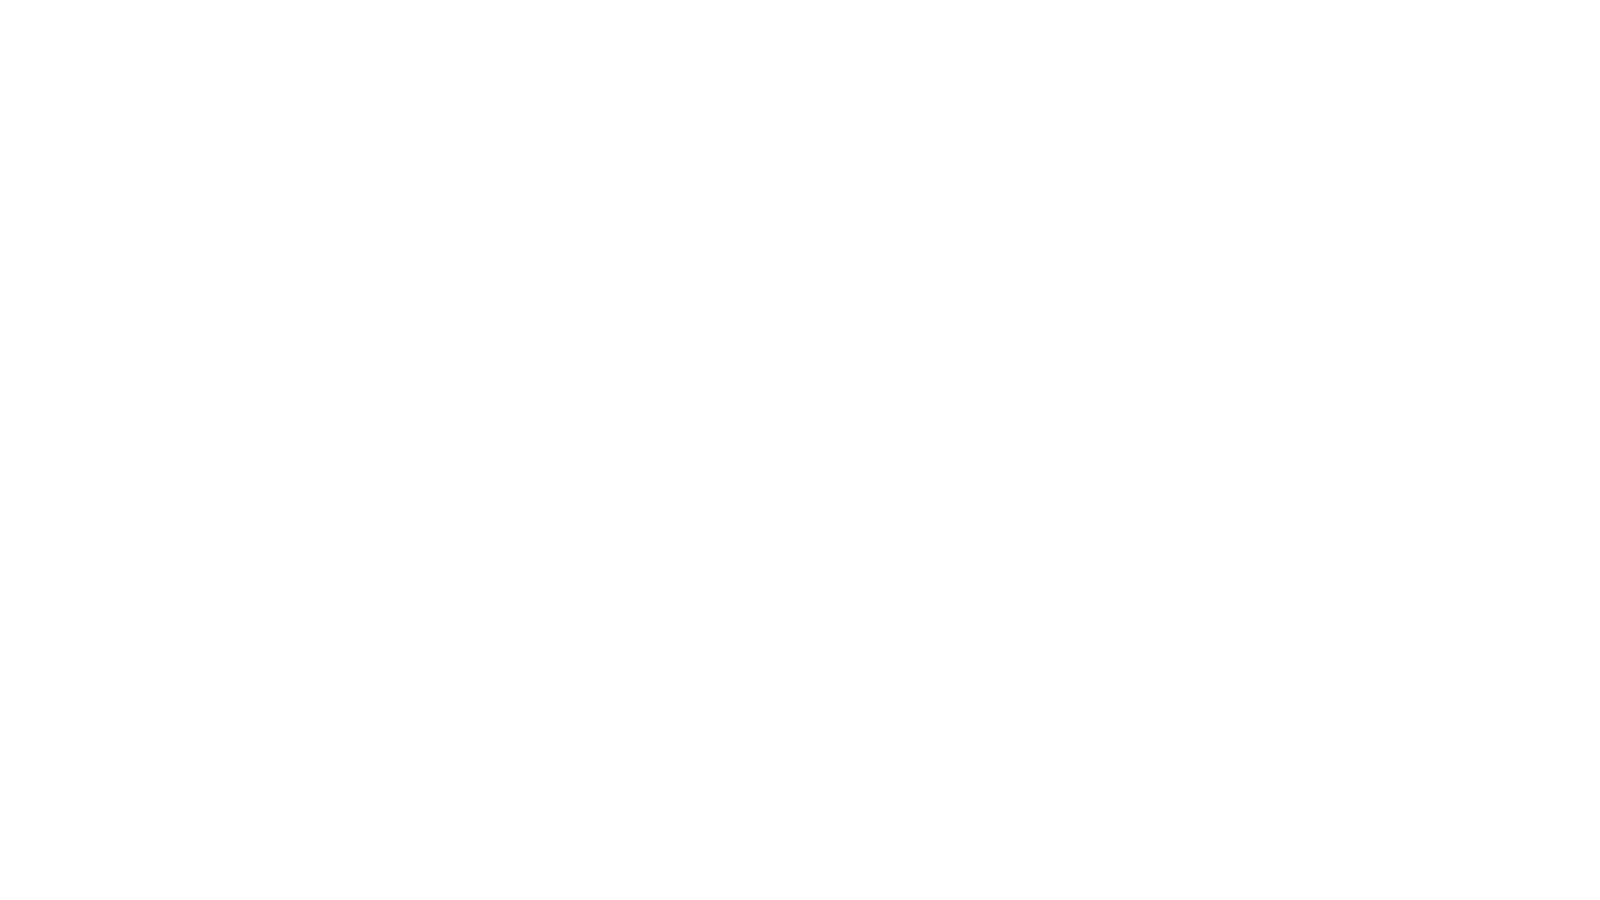 """Como conseguir uma recolocação no mercado de trabalho em 2021?  Com o início da pandemia, as empresas se viram obrigadas a passar por processos profundos de transformação. Empresas de todos os tipos e portes se depararam com o mesmo objetivo:  manter a produção e o faturamento, mesmo com o isolamento social e a impossibilidade de ter colaboradores trabalhando de forma presencial.  Home office e reuniões online se tornaram rotina, bem como a realização de processos seletivos através de robôs.   Mas este cenário de automação gera inúmeras dúvidas e preocupações para quem está buscando uma recolocação:   """"Como um robô pode ser capaz de identificar minhas competências e habilidades? Como vou me recolocar no mercado de trabalho sem realizar entrevistas pessoalmente?""""  Muitas pessoas não sabem, mas os robôs podem inclusive realizar processos seletivos com maior eficiência de tempo e análise de dados do que pessoas, o que é bom para quem quer uma recolocação rápida, mas é ruim para quem ainda acha que é possível ser notado através de um currículo genérico.   Currículos genéricos não se destacam mesmo que a análise seja feita pessoas, agora imagine se a análise for feita por meio de inteligência artificial, que é 100% prática e objetiva? É praticamente impossível ser notado.  Agora, se o seu currículo for original e bem formulado, qualquer robô será capaz de te notar. Mas então, como fazer isso?  Como conseguir uma recolocação no mercado de trabalho quando as seletivas são feitas por meio de inteligência artificial?   Como montar um currículo que se destaque e seja selecionado por qualquer robô?  Neste vídeo vou te mostrar como é feito o processo seletivo com robôs e como você pode conseguir se destacar e alcançar a recolocação no mercado de trabalho mesmo que seu recrutador não seja humano!  #pracarreiras #carolinaokubo #recolocaçãoprofissional"""